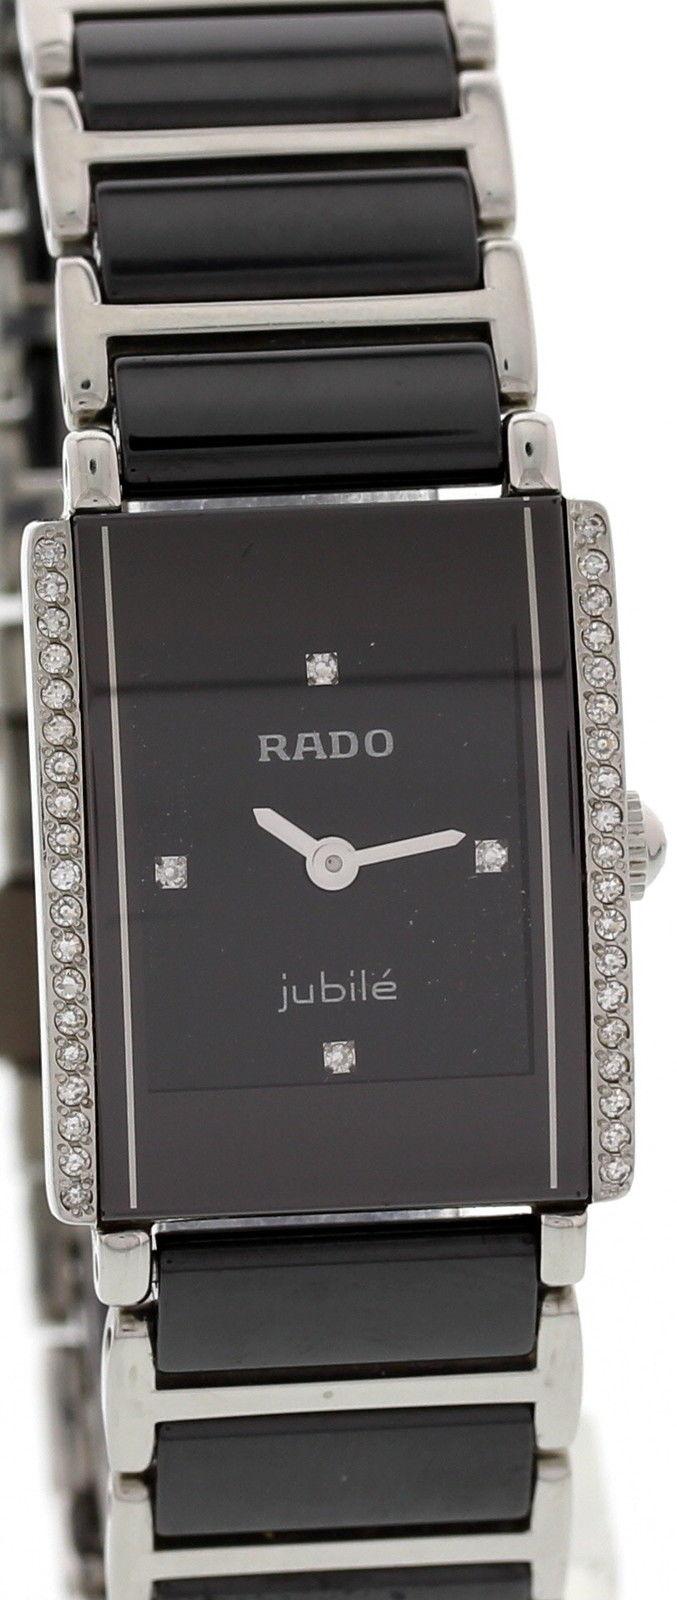 """Image of """"Rado 153.0488.3 Jubile Titanium & Diamond Womens Watch"""""""